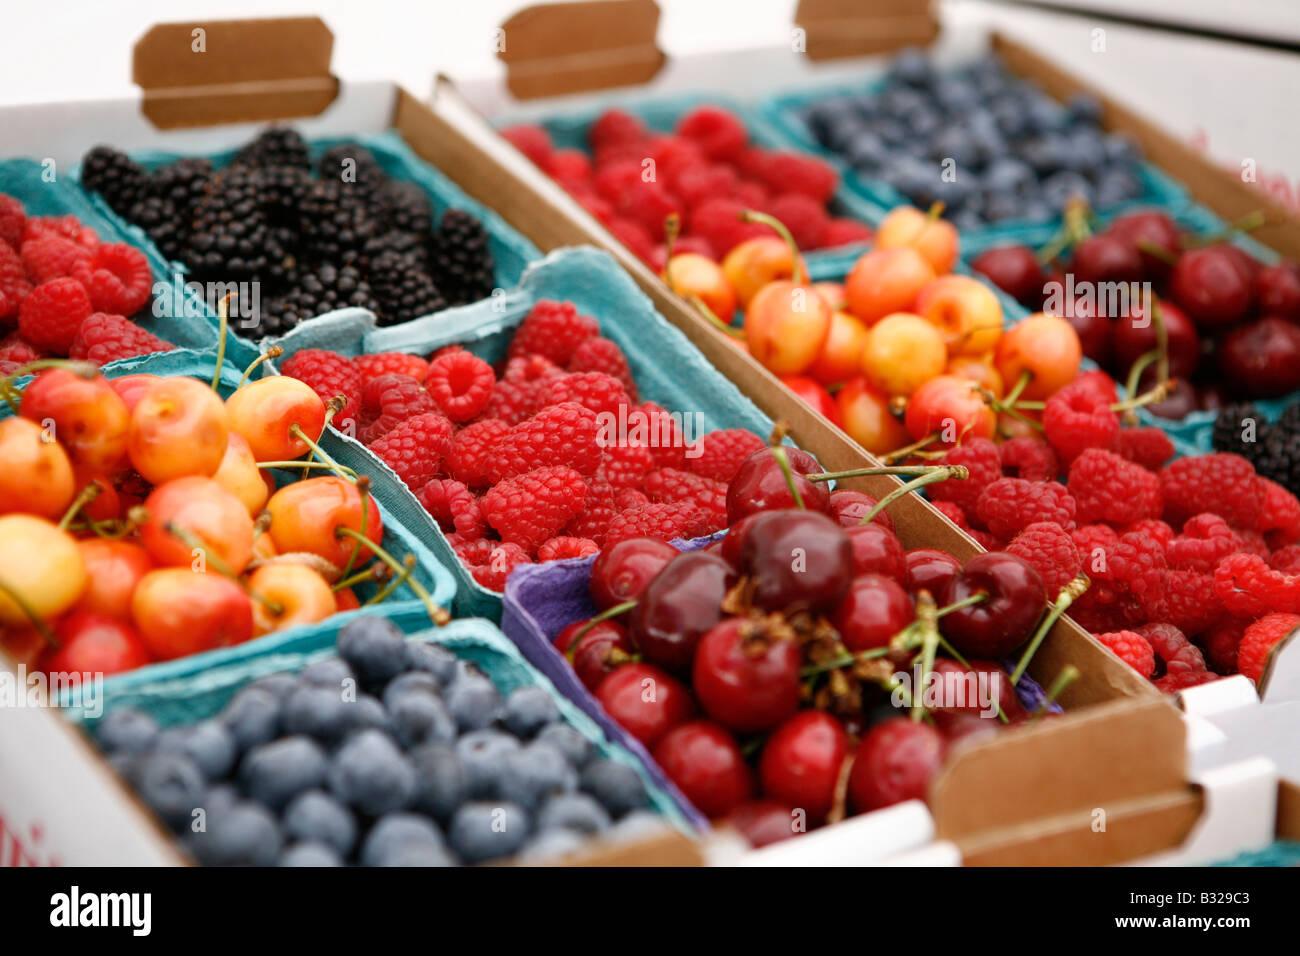 Caja de frambuesas y cerezas en la pantalla en el mercado Imagen De Stock